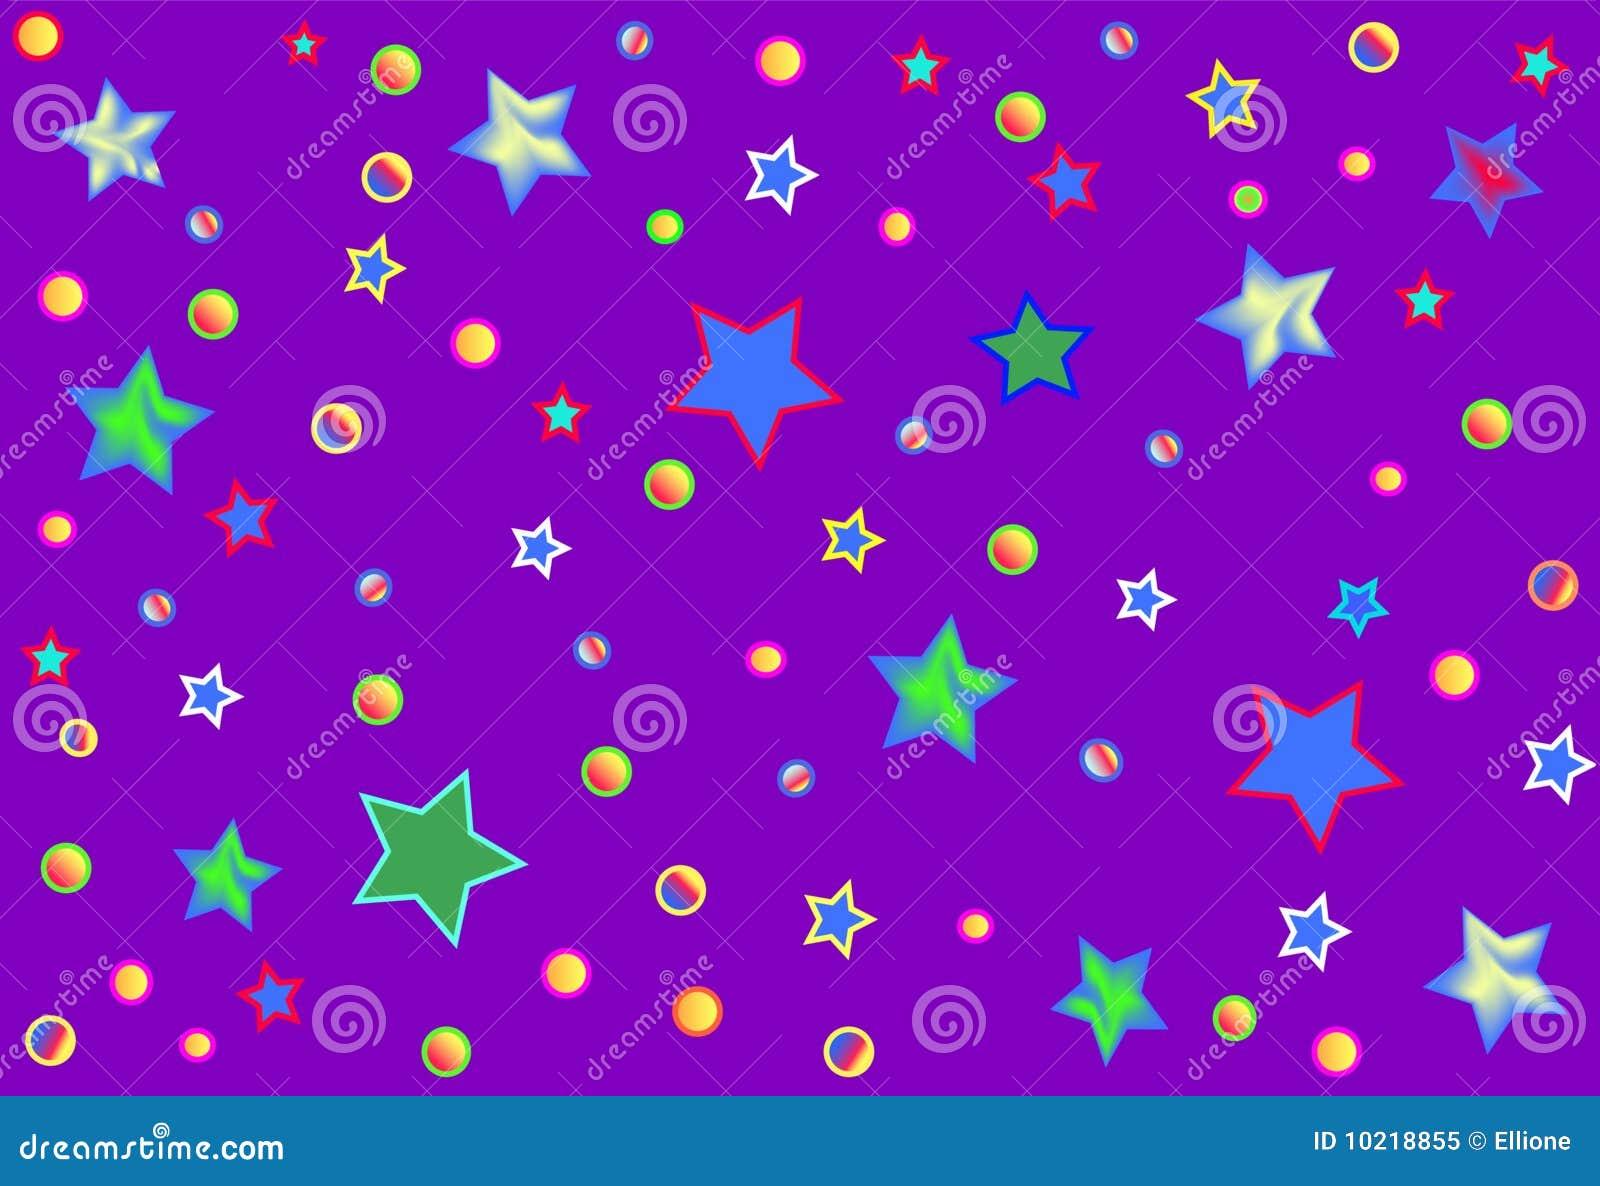 Esporte Tileable Papel De Parede Colorido: Papel De Parede Colorido Abstrato Ilustração Stock